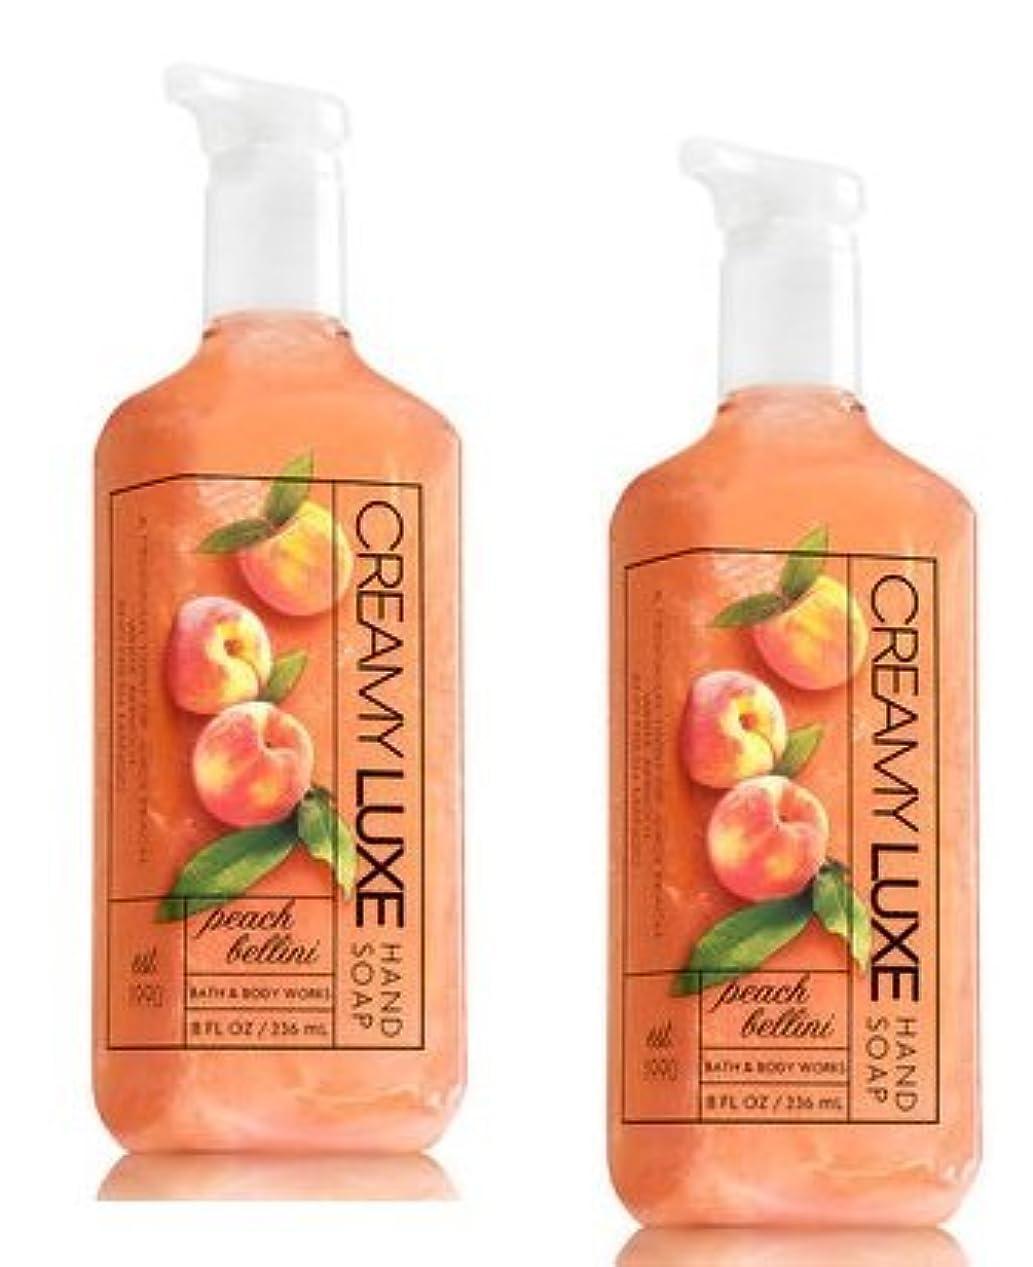 呪いルーチンポルノBath & Body Works ピーチベリーニ クリーミー リュクス ハンドソープ 2本セット PEACH BELLINI Creamy Luxe Hand Soap. 8 oz 236ml [並行輸入品]